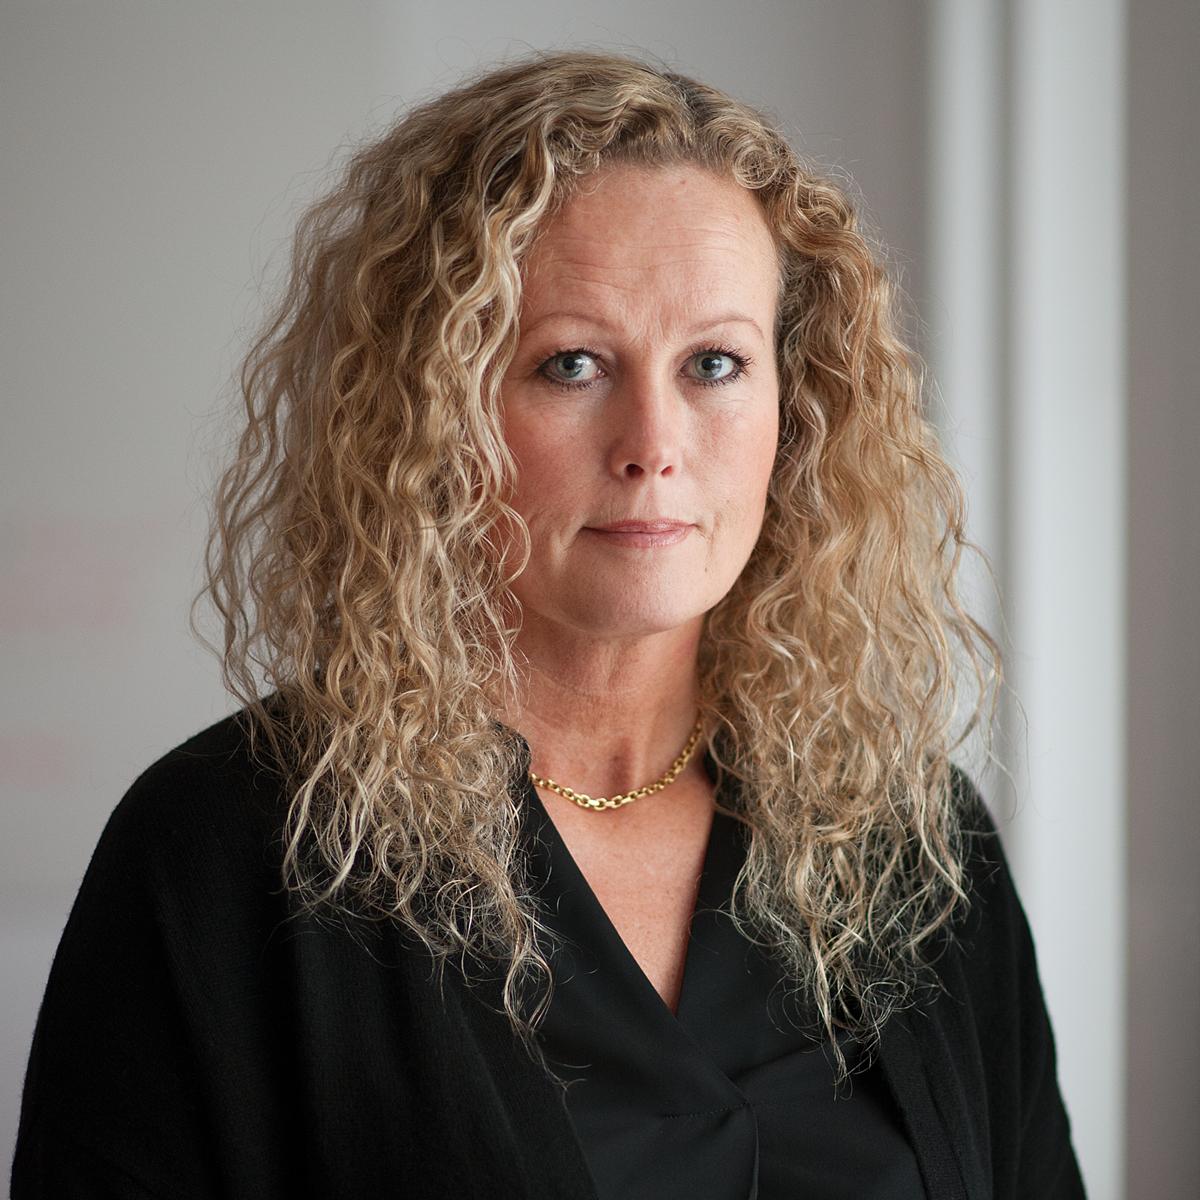 Lina Nilsson Rådgivningsexpert, Projektledare/ Ansvarig Grannsamverkan